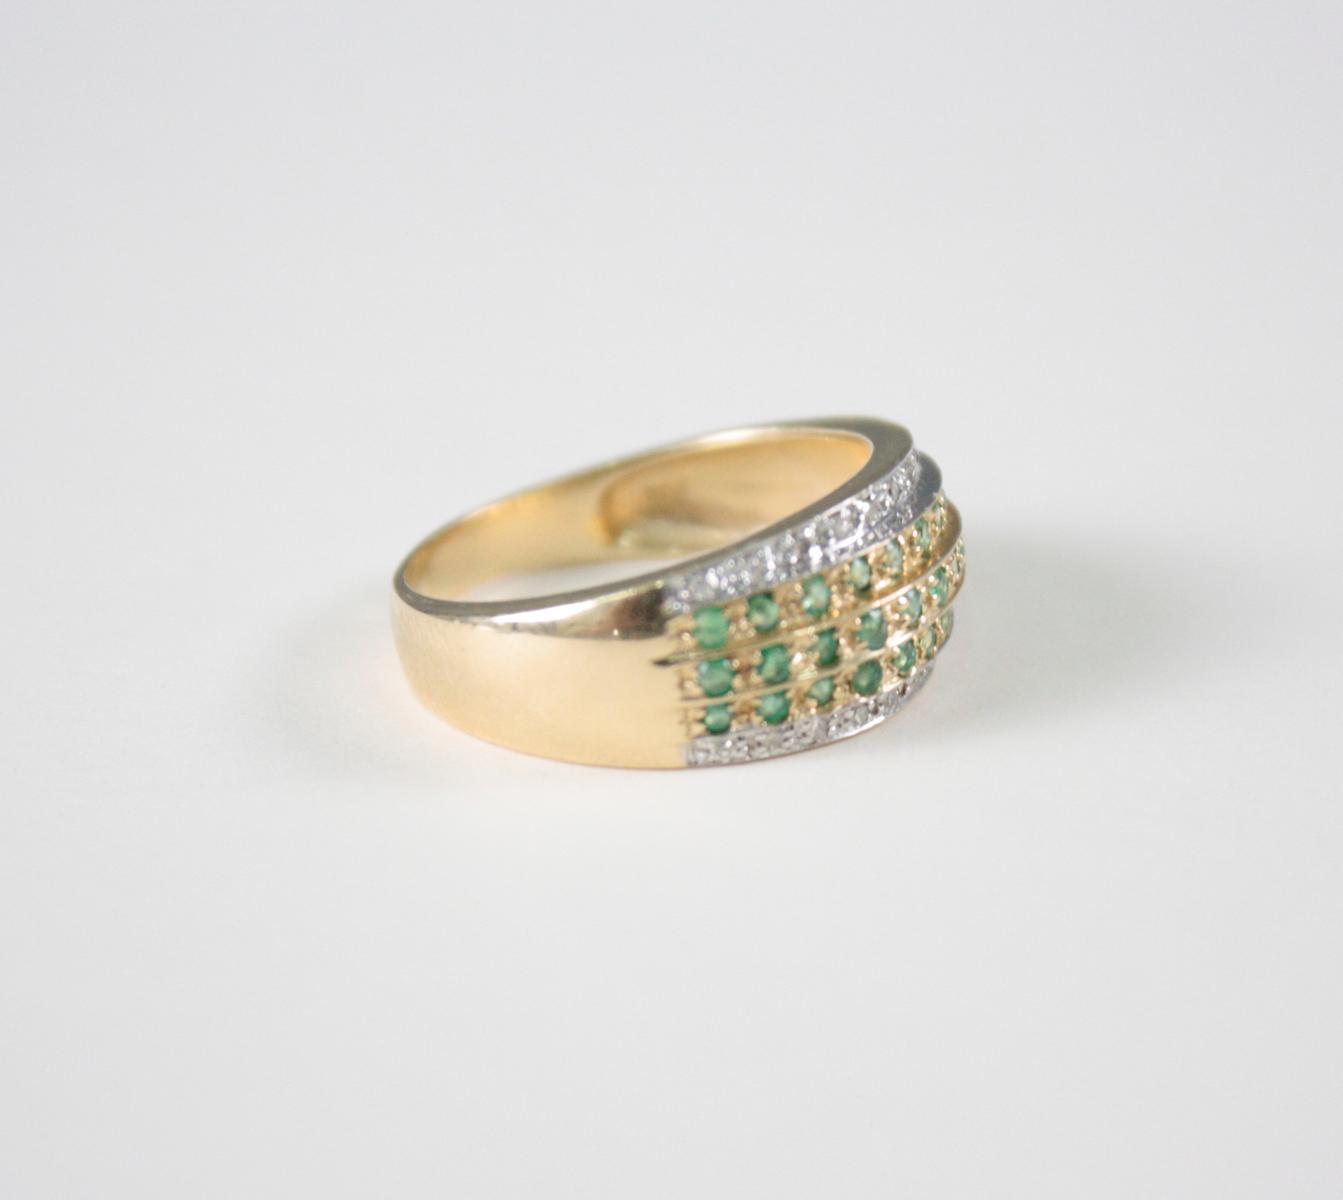 Damenring mit Smaragden und Diamanten, 14 Karat Gelbgold-2